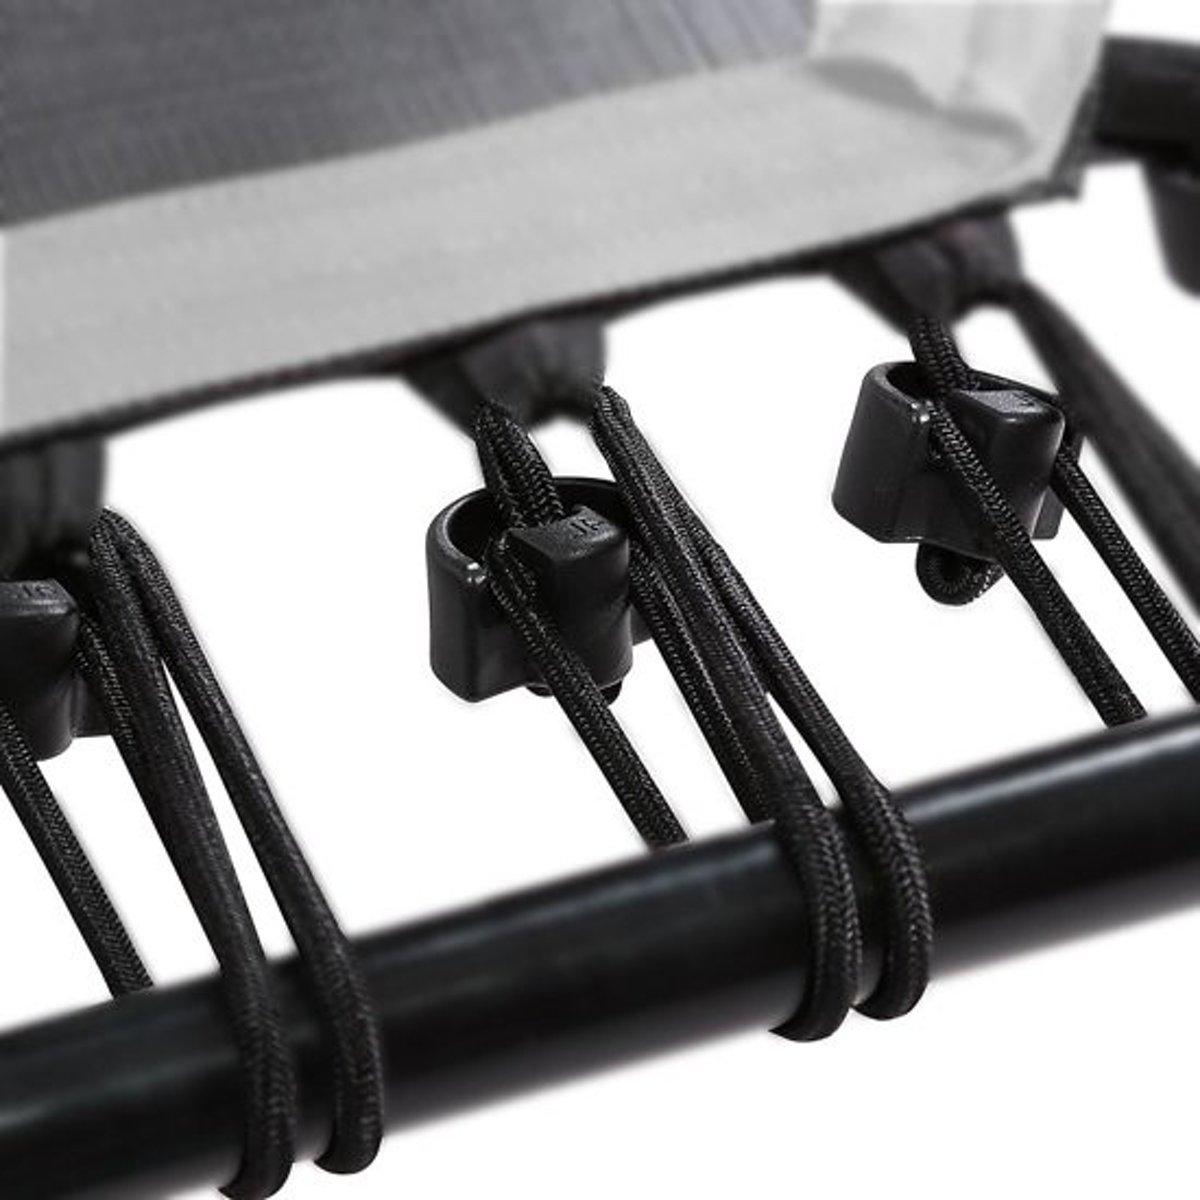 SportPlus SP-T-110-BS -trampoline 110cm -Reserve-Elastieken 36 stuks Zwart (90-130kg)